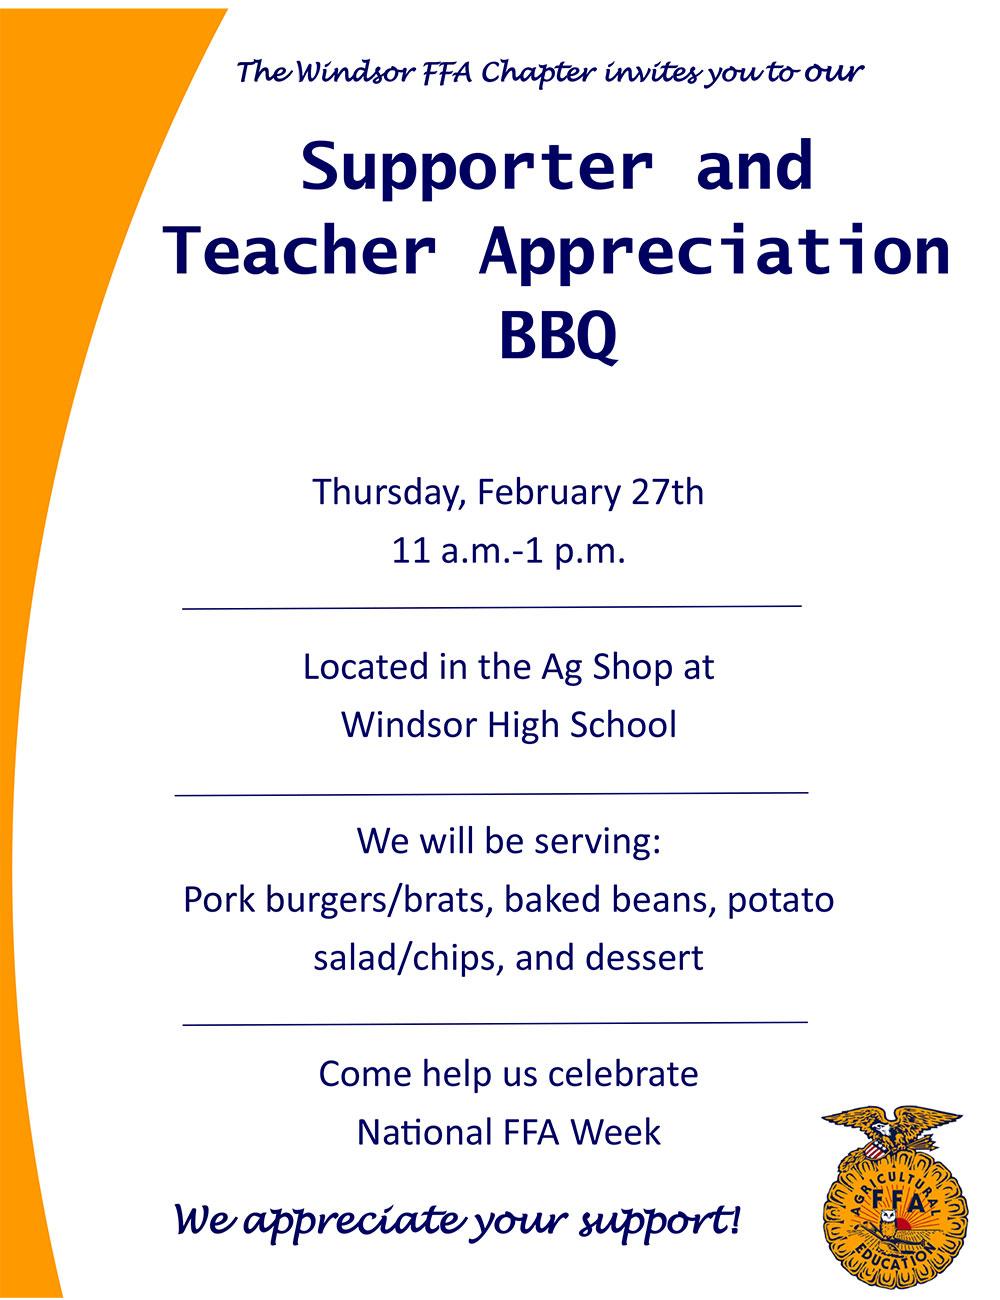 FFA Supporter and Teacher Appreciation BBQ